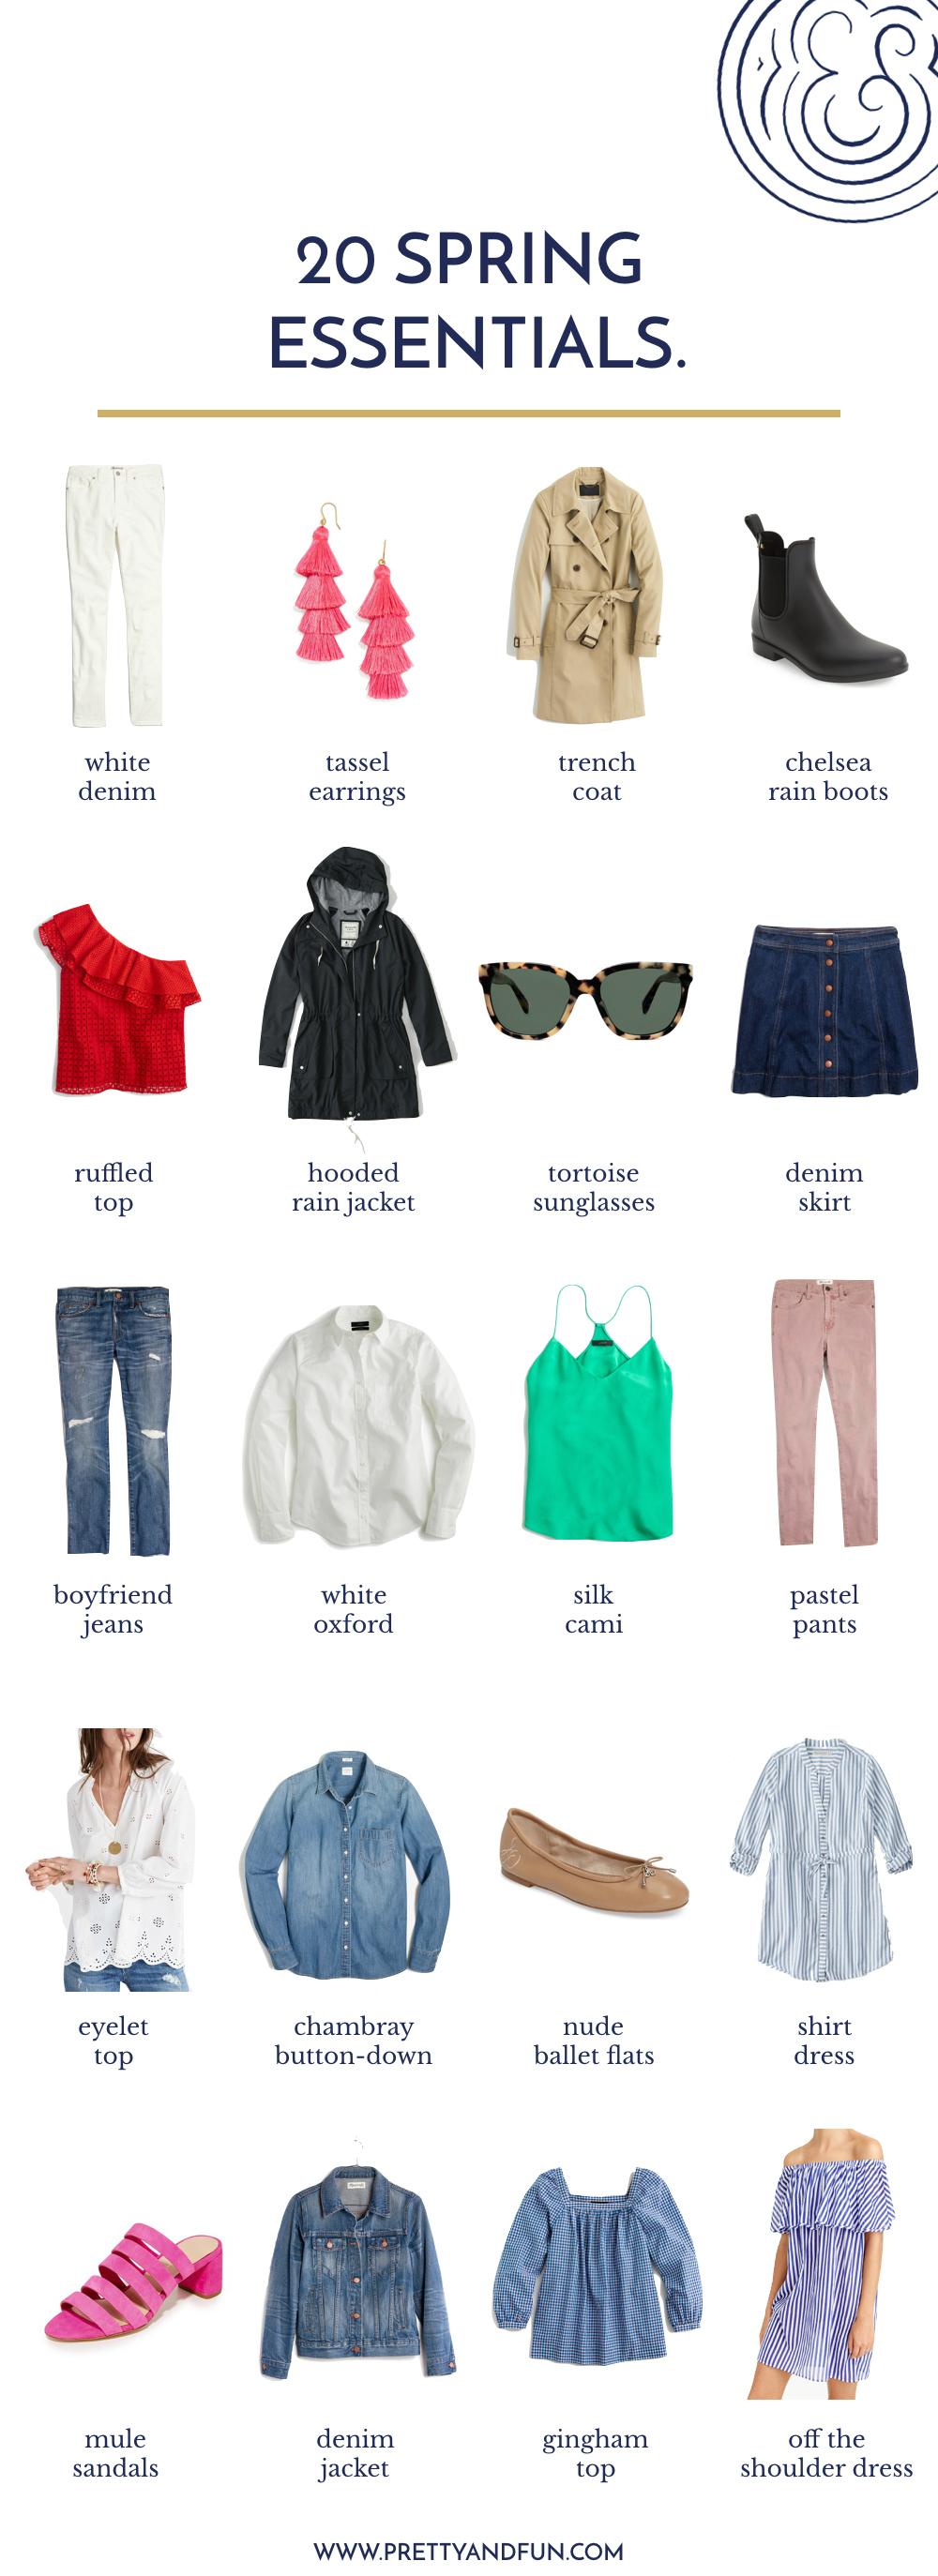 Spring Wardrobe Essentials.